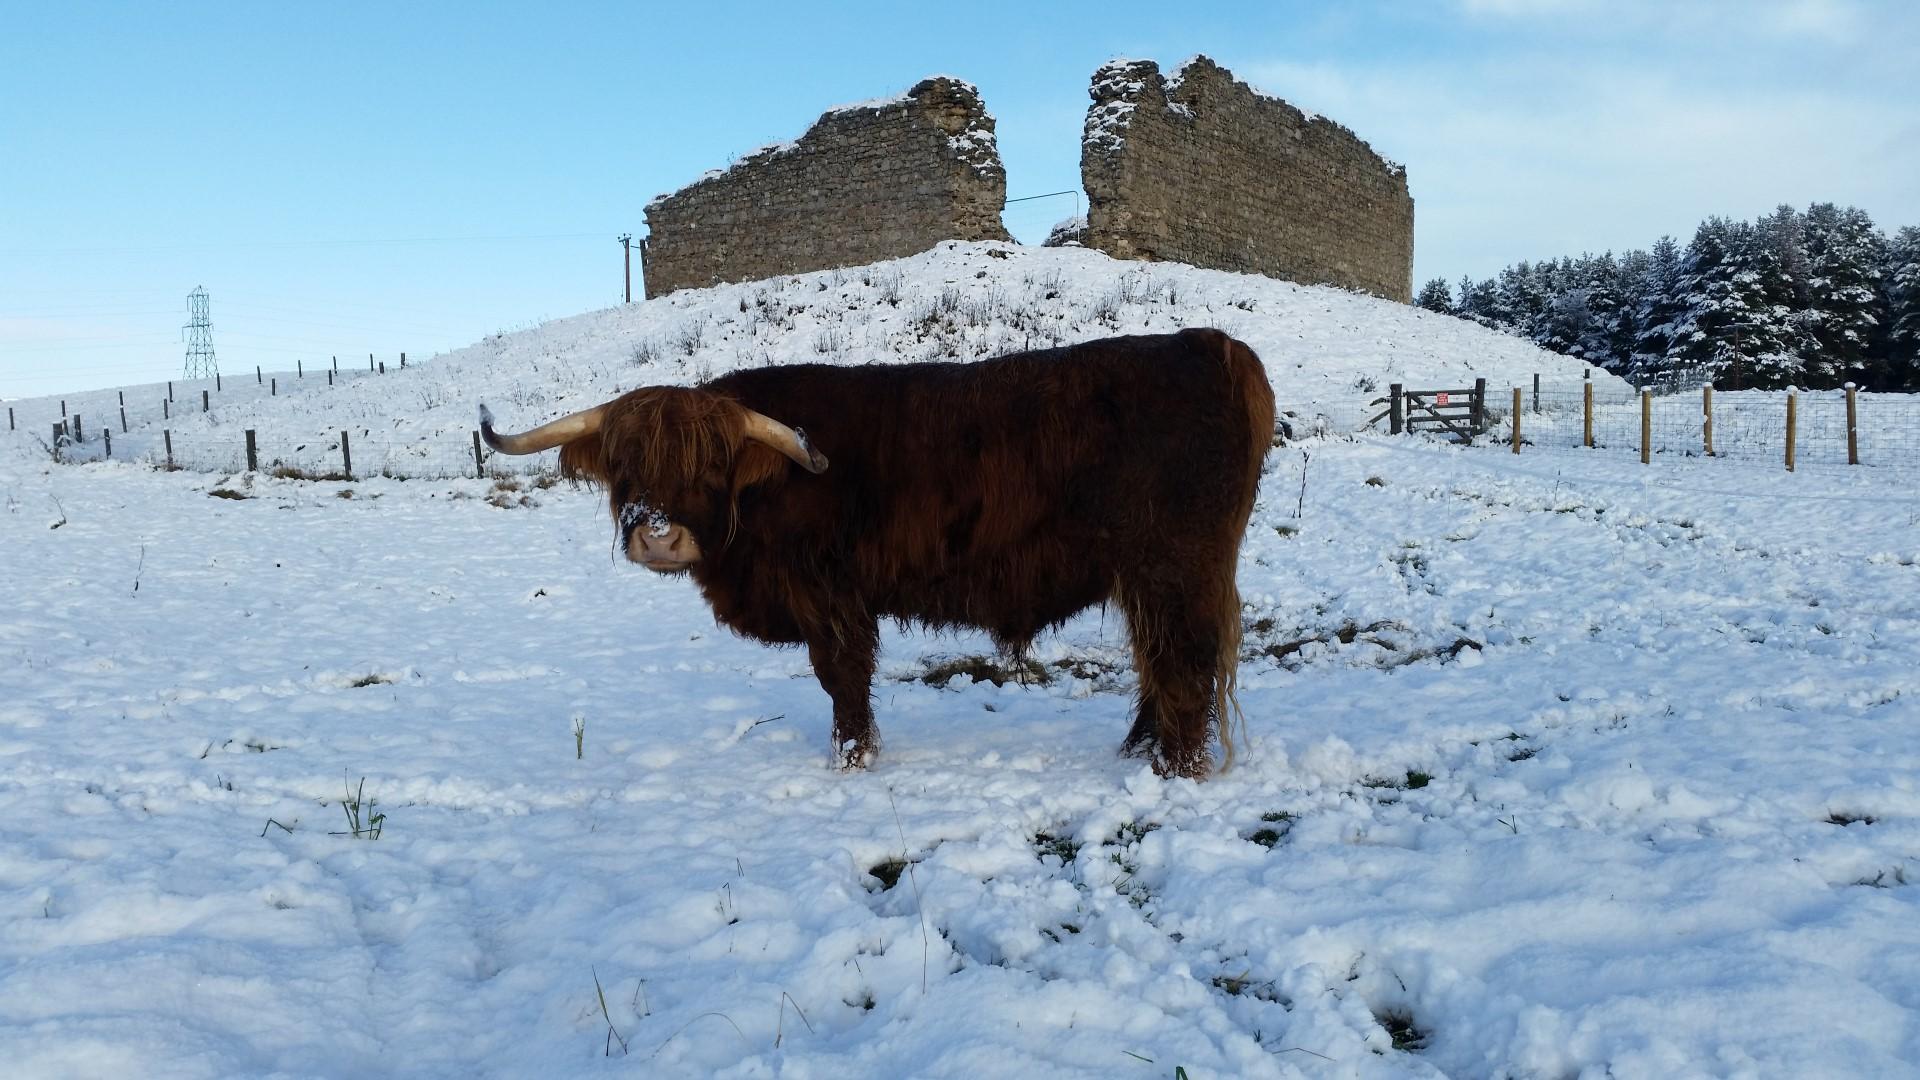 Murdo in the snow